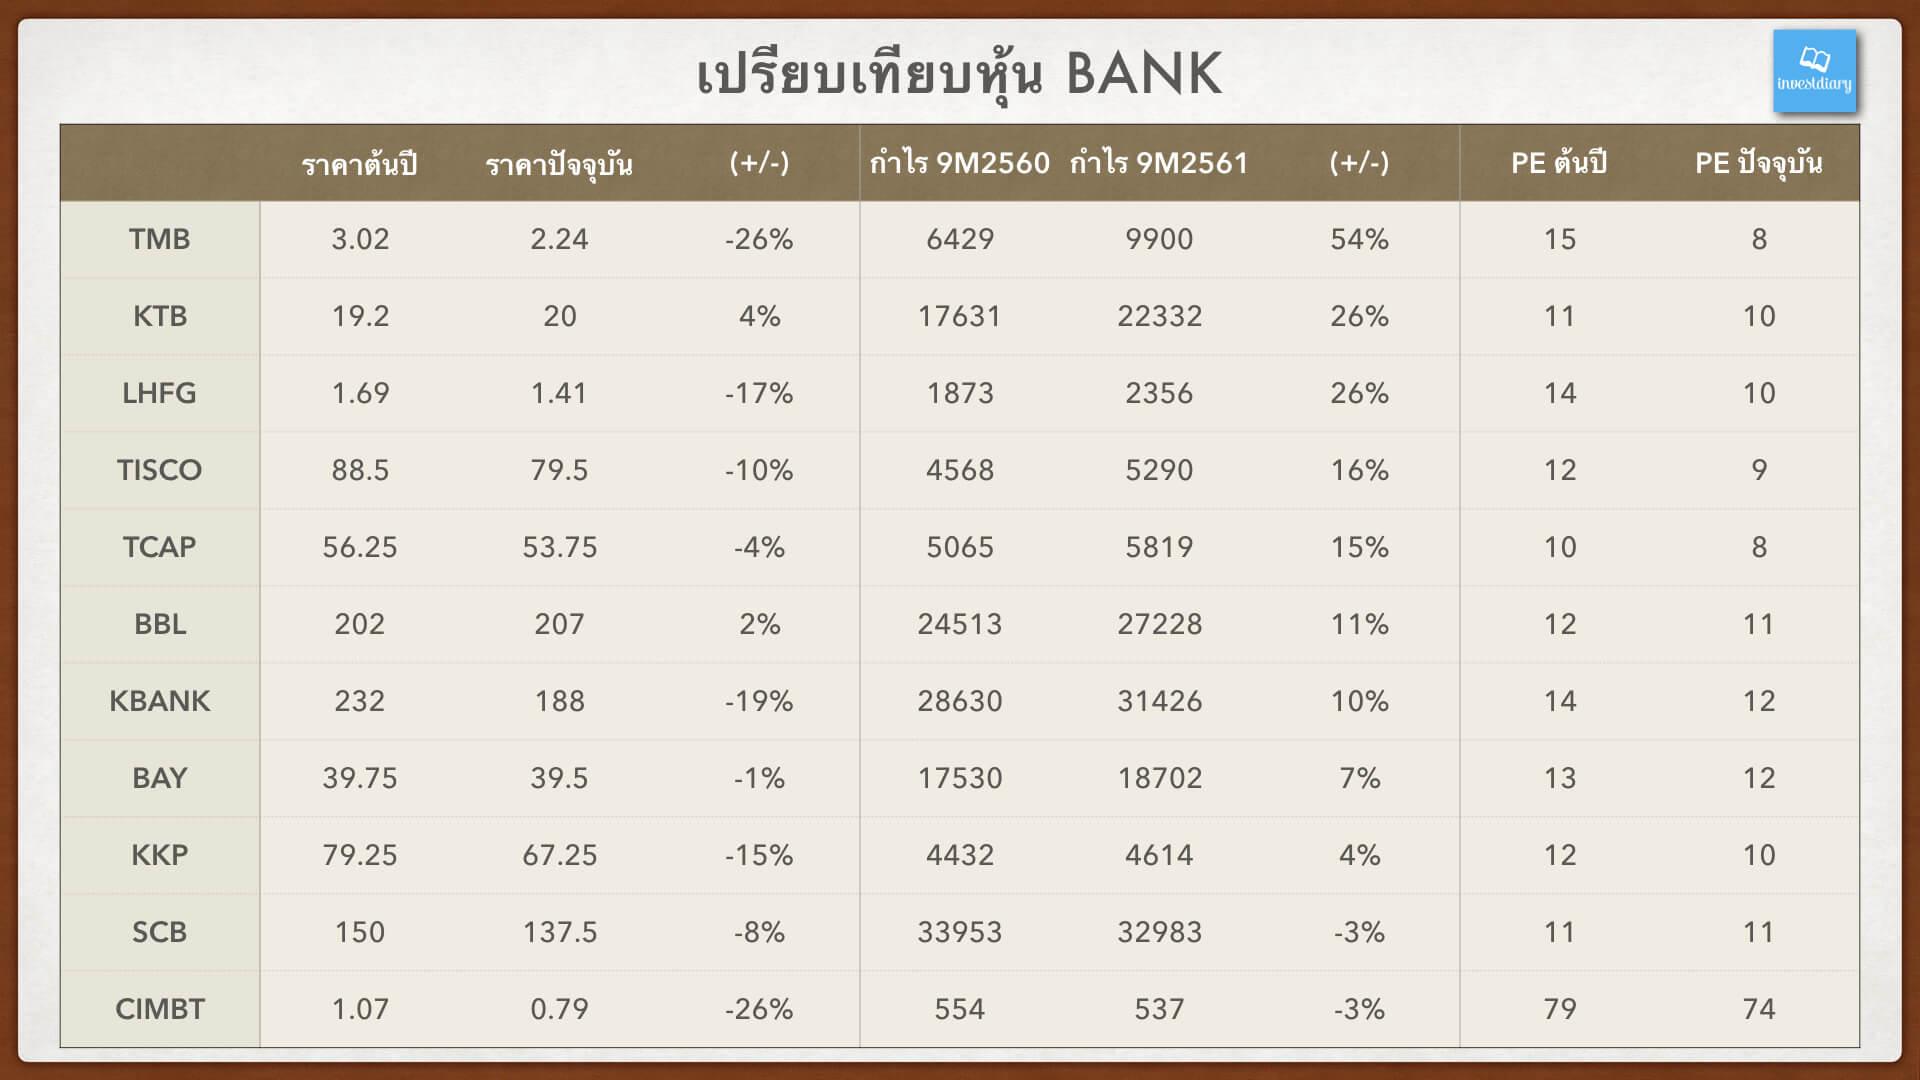 เปรียบเทียบหุ้นธนาคาร